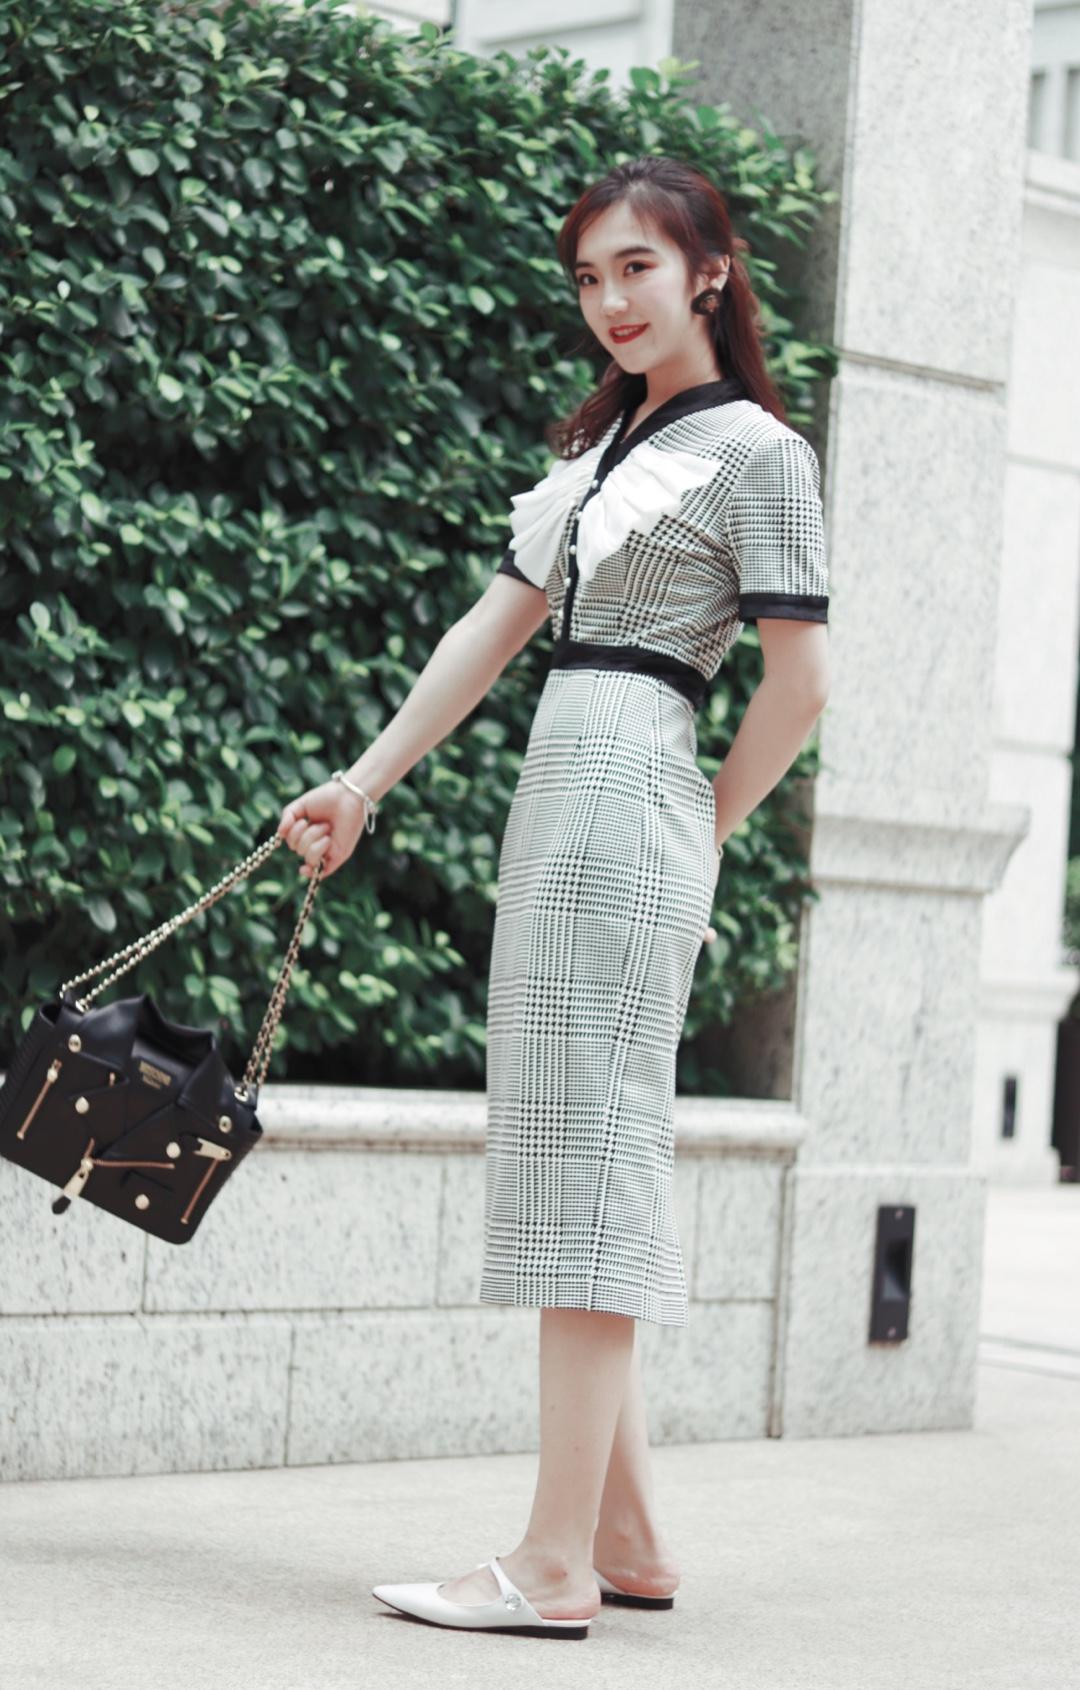 复古风一直吹的很厉害!终于找到一件复古风代表的连衣裙啦!包臀的一体式连衣裙、职场达人必备、解决你的穿衣难问题哦!#一分钟穿搭,上班不迟到~#